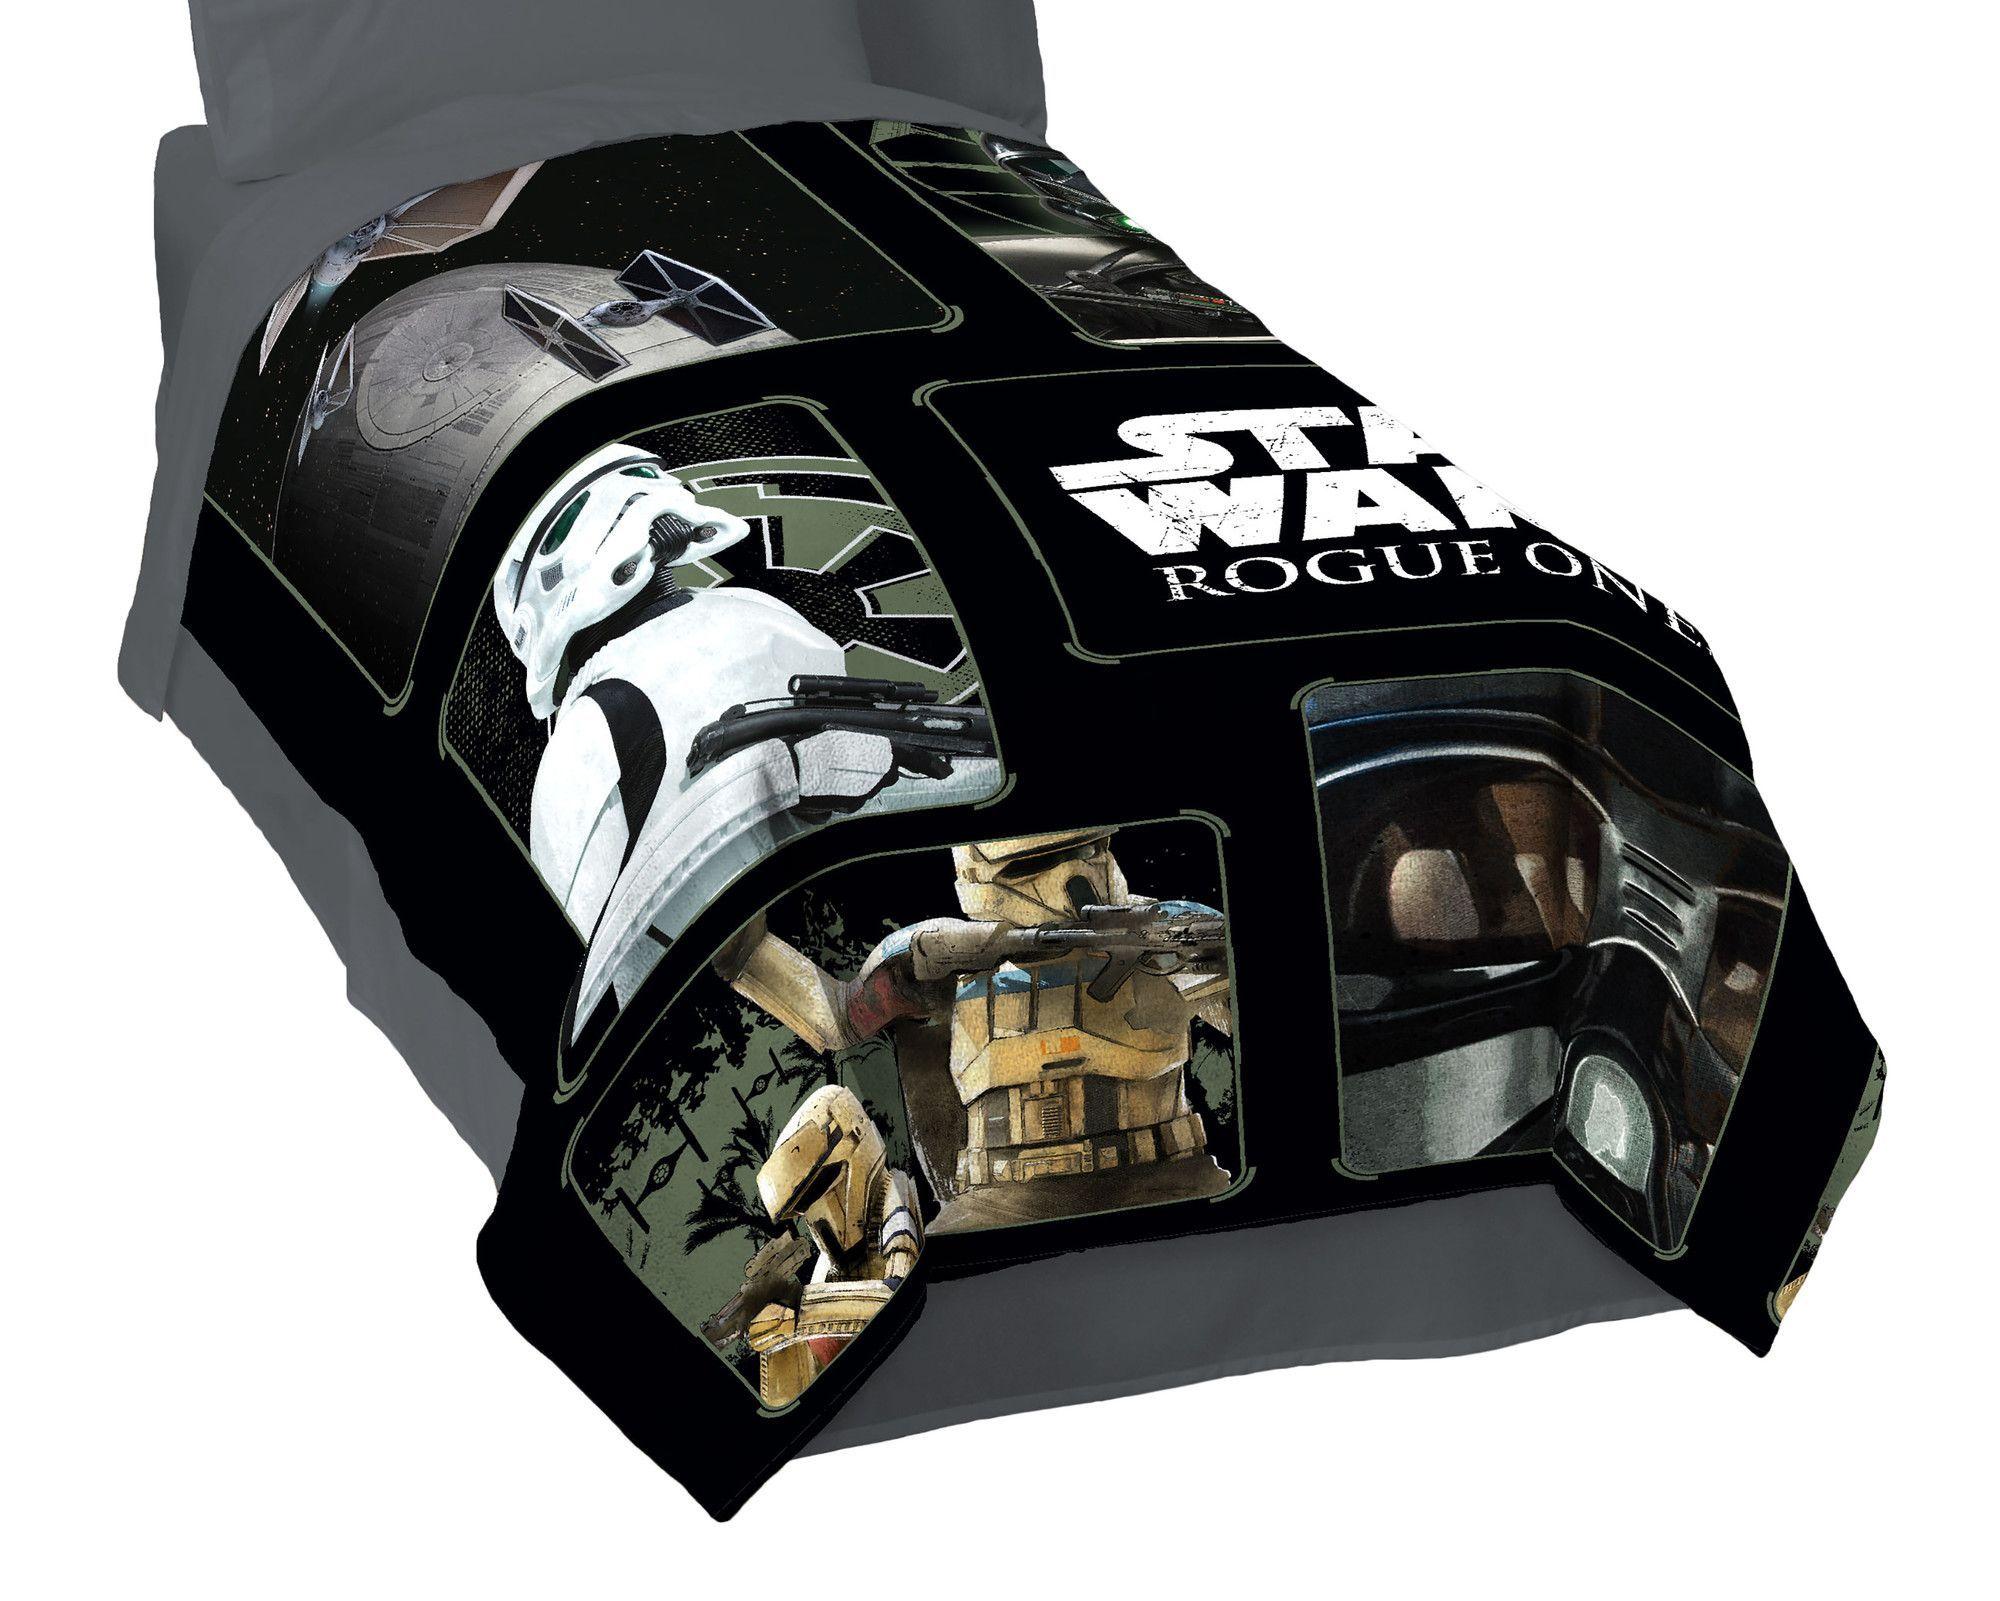 Disney Star Wars Rouge 1 Imperial Blanket Star wars bed